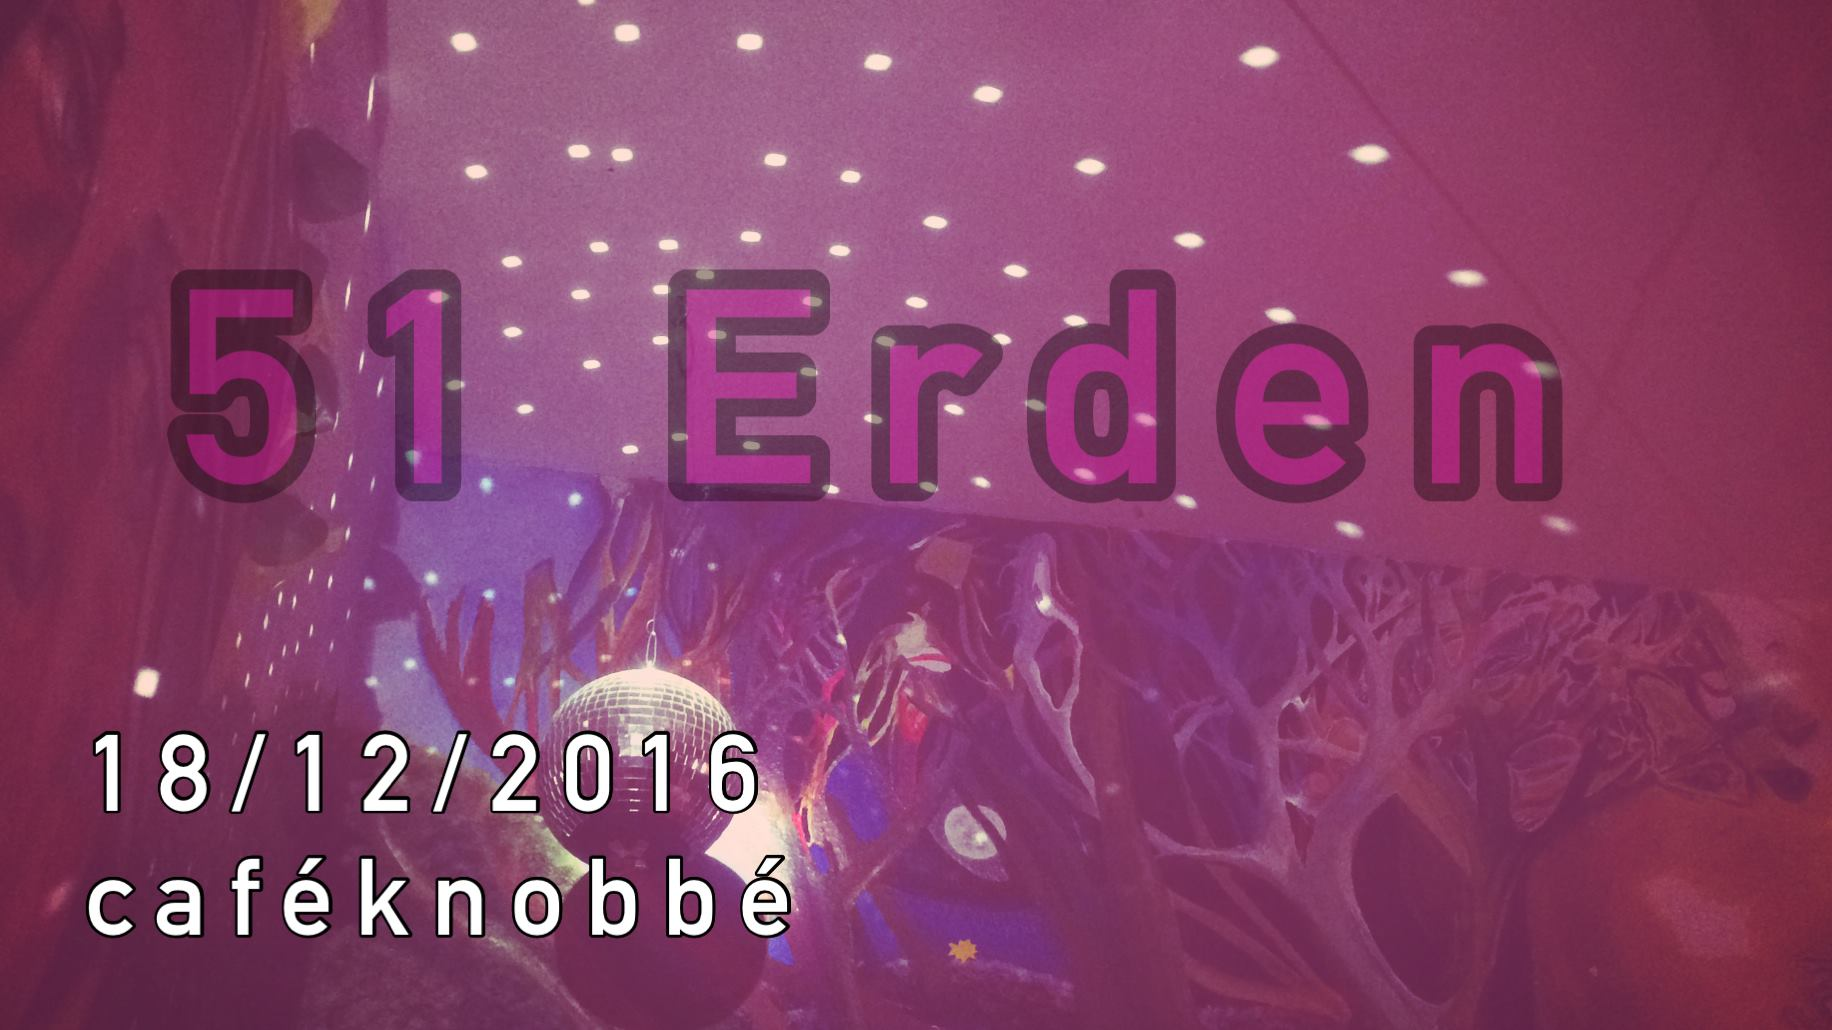 51 Erden